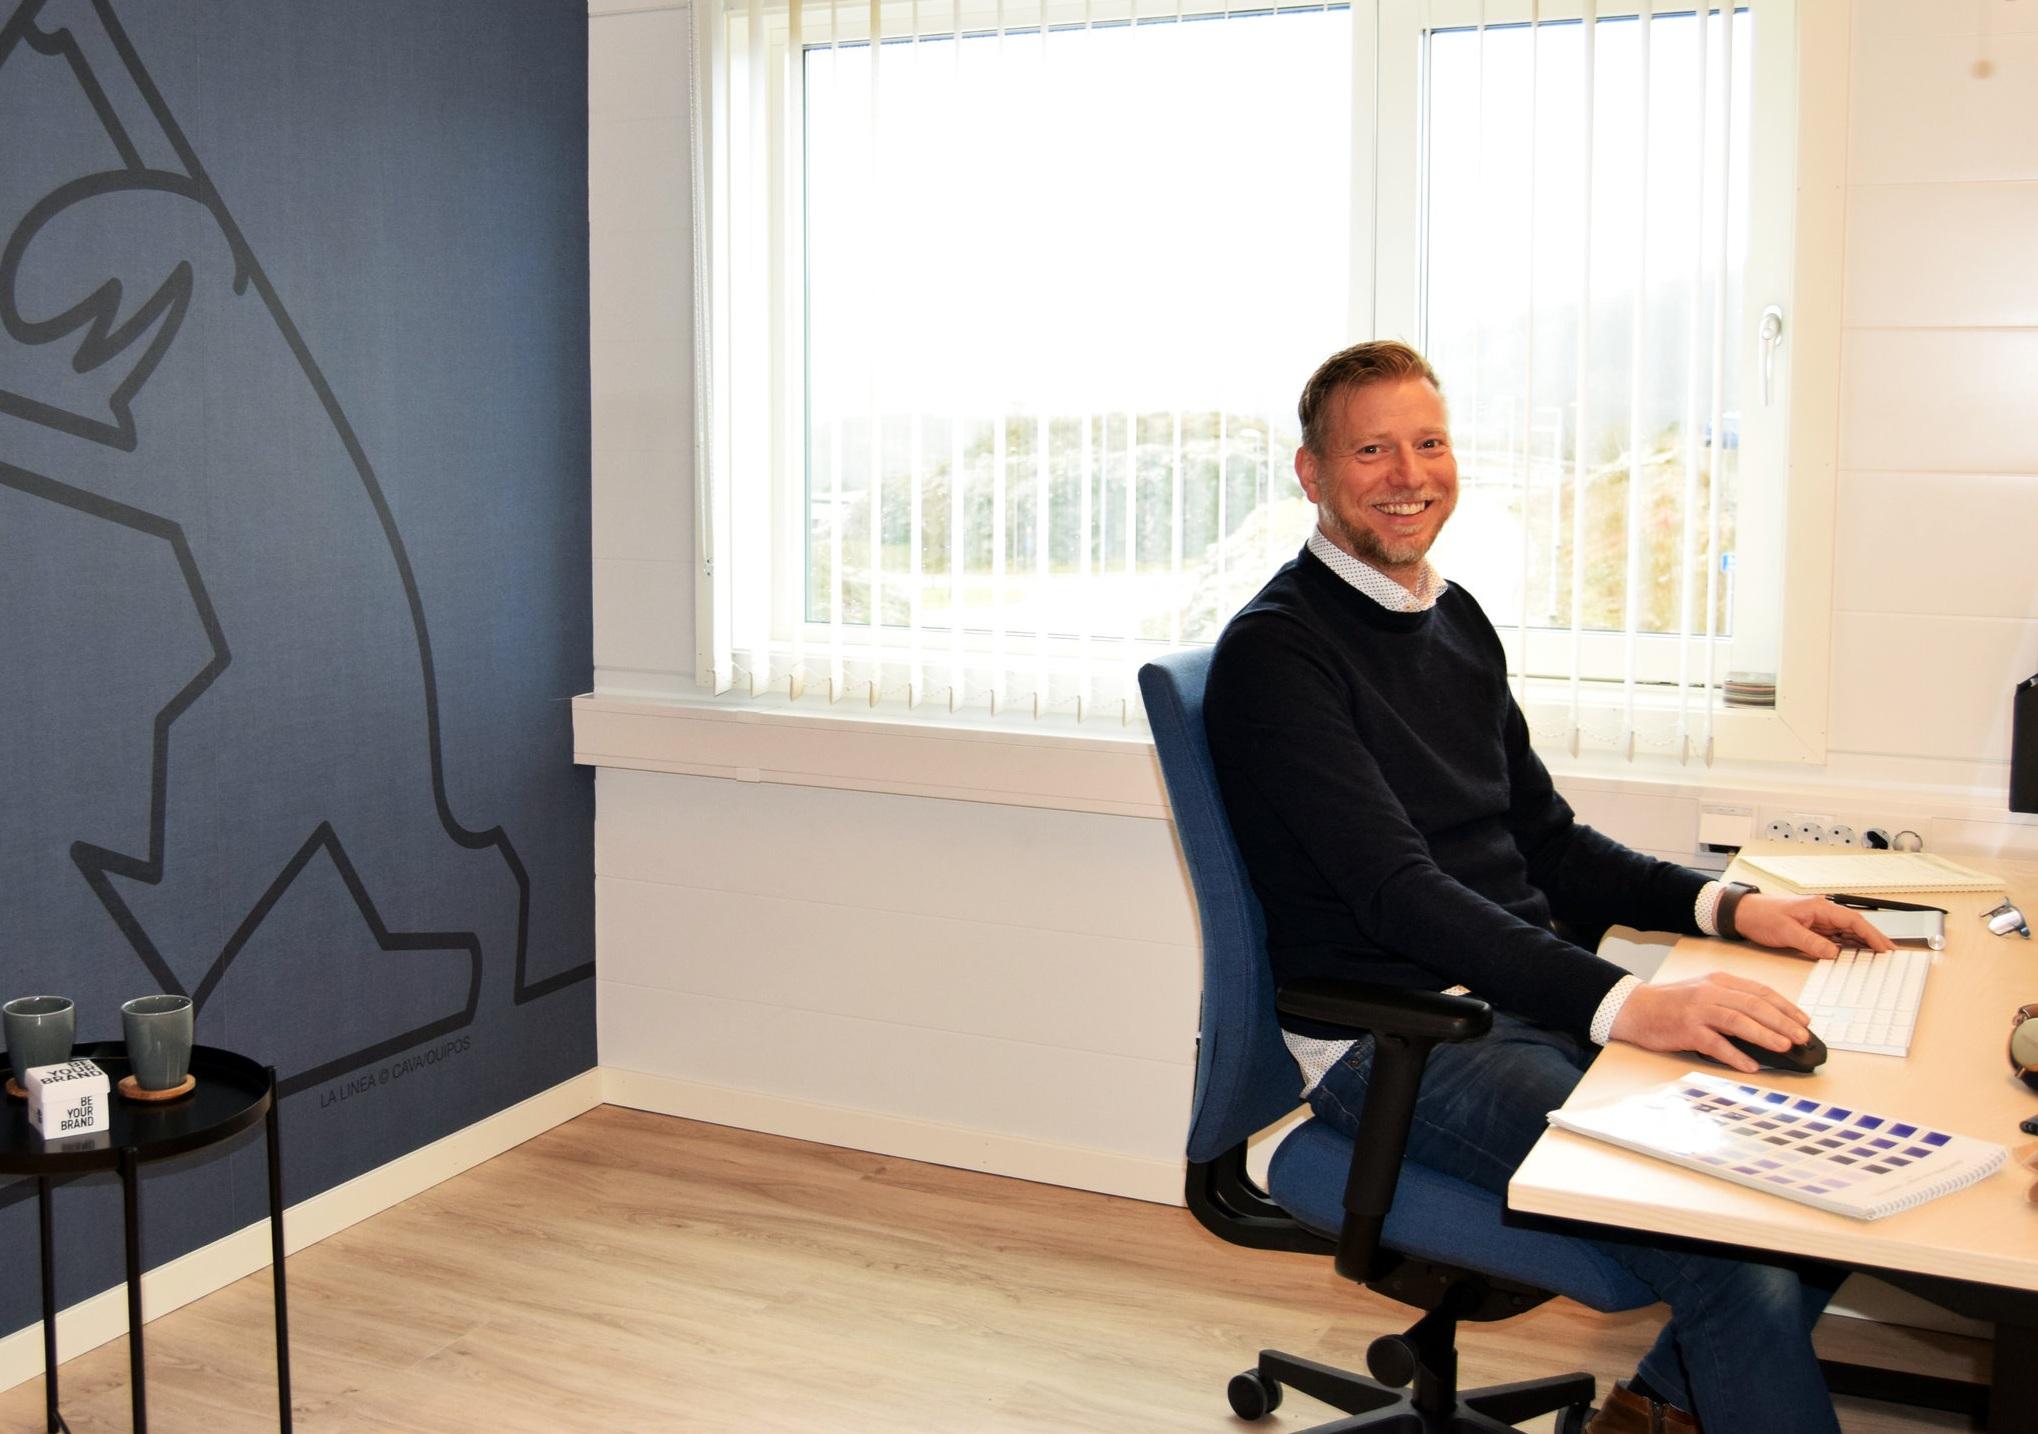 Frode Olsen er på plass i sin nye stilling som kreativ leder for Reklamehuset.